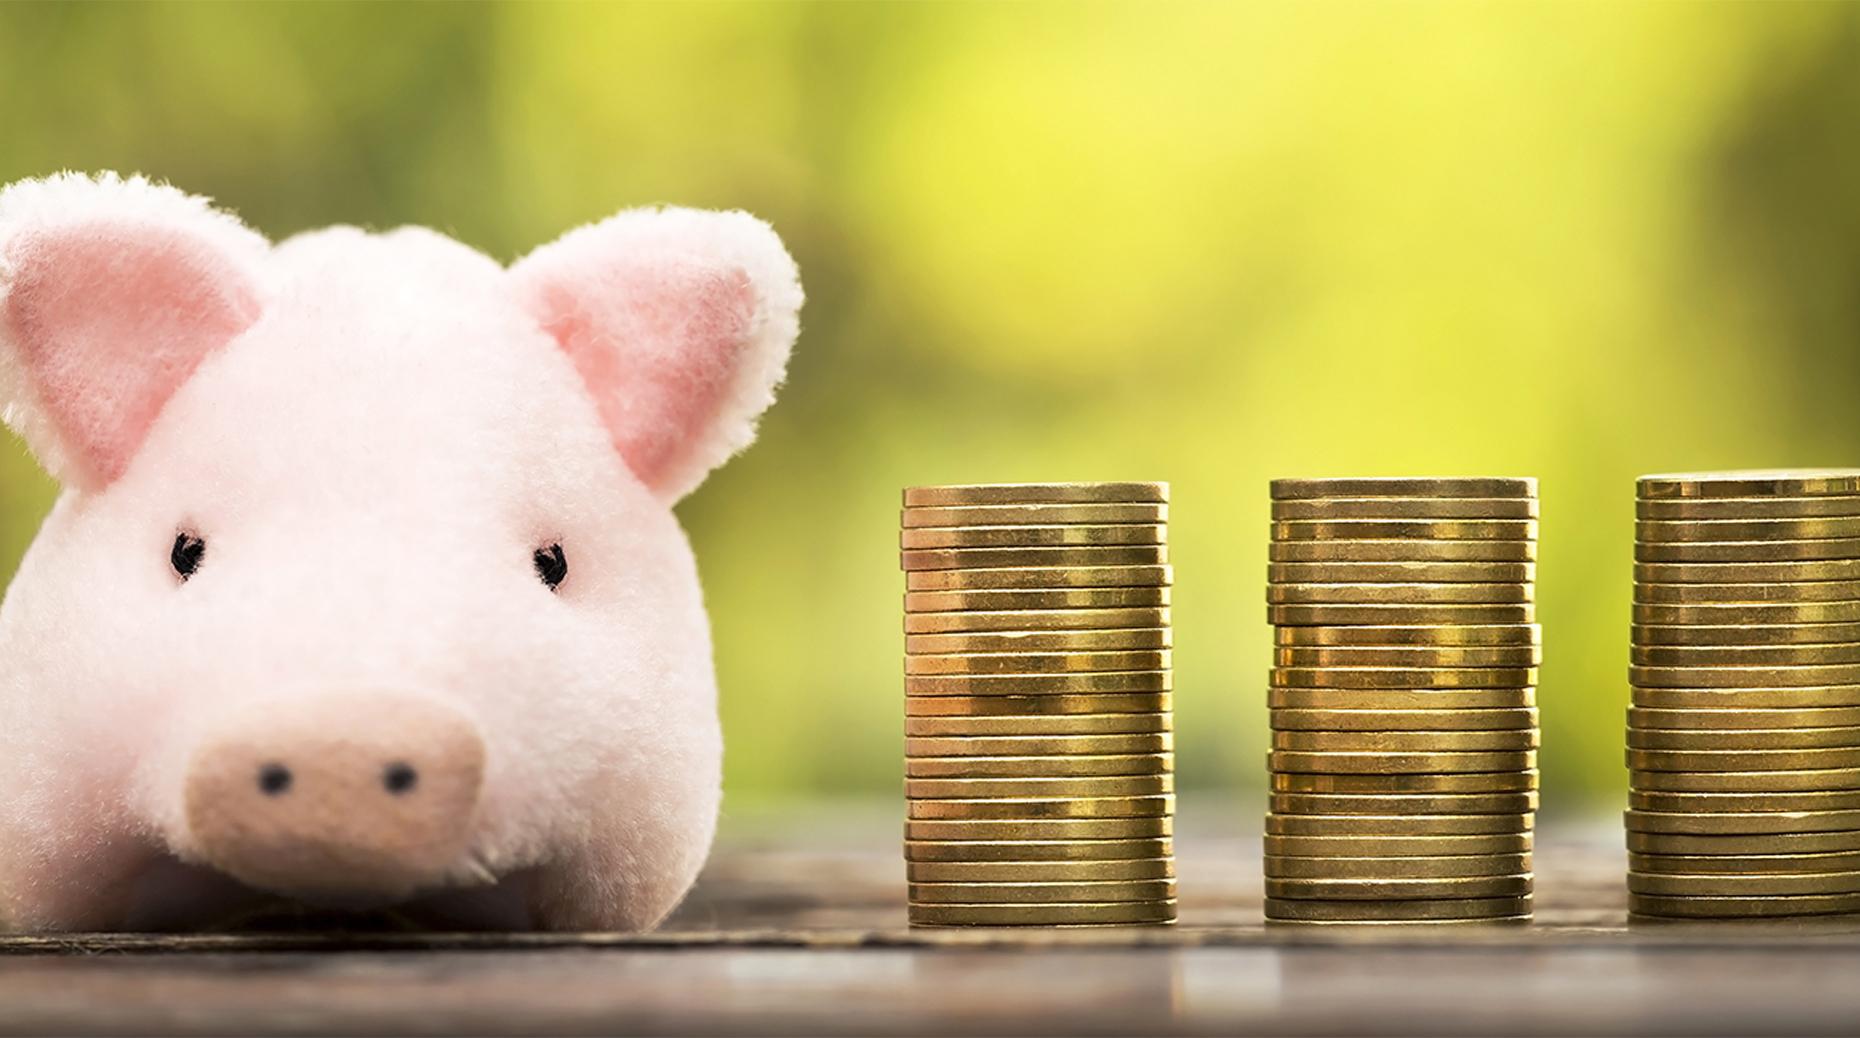 Étude d'Altaprofits : 4 Français sur 5 détiennent un produit d'épargne